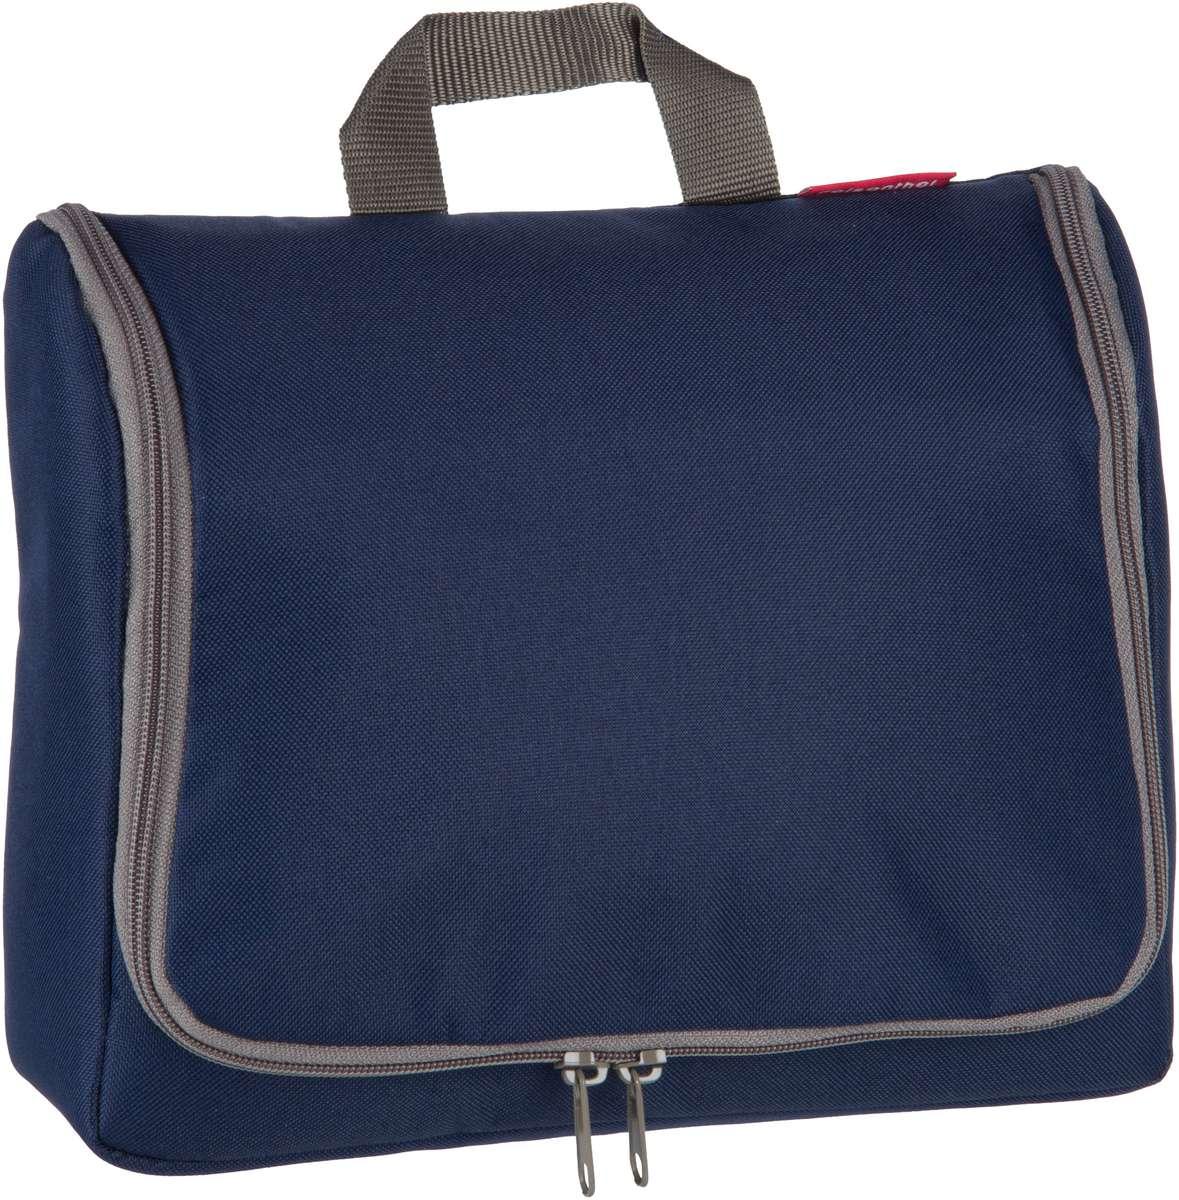 Reisegepaeck für Frauen - reisenthel Kulturbeutel Beauty Case toiletbag XL Dark Blue (4 Liter)  - Onlineshop Taschenkaufhaus